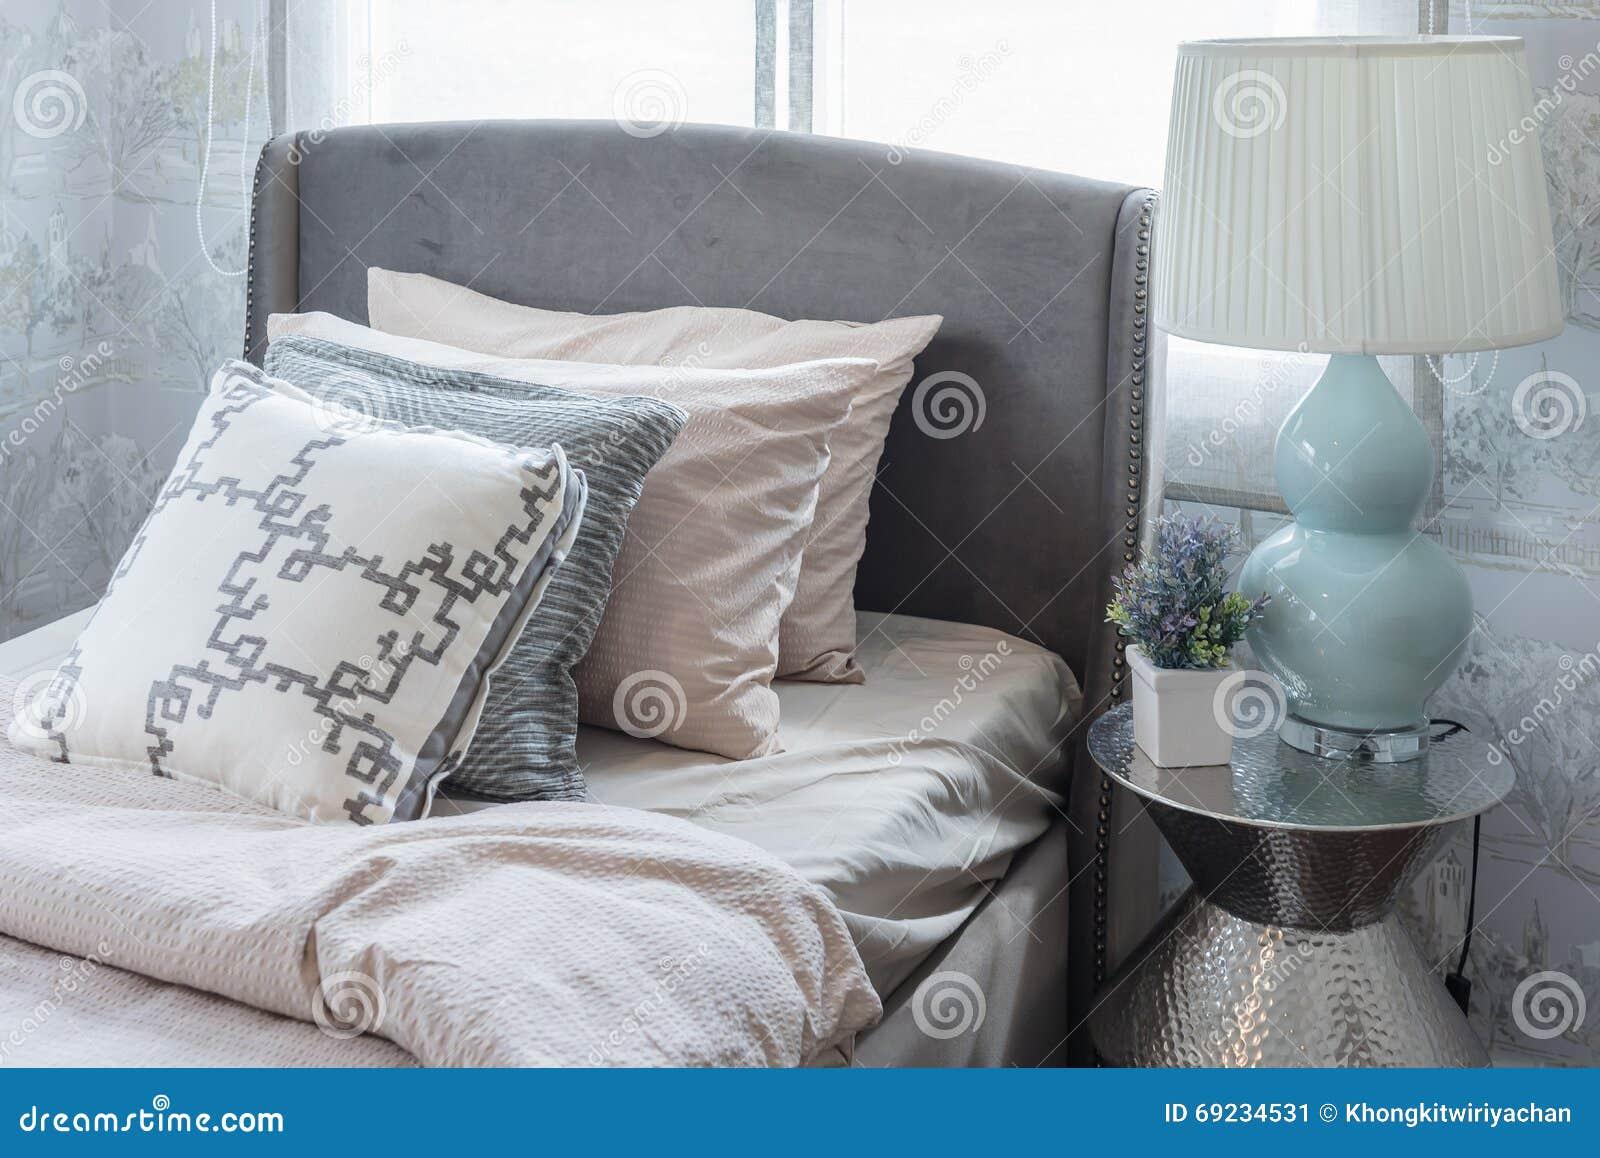 fila dei cuscini sul letto in camera da letto di lusso fotografia ... - Cuscini Camera Da Letto